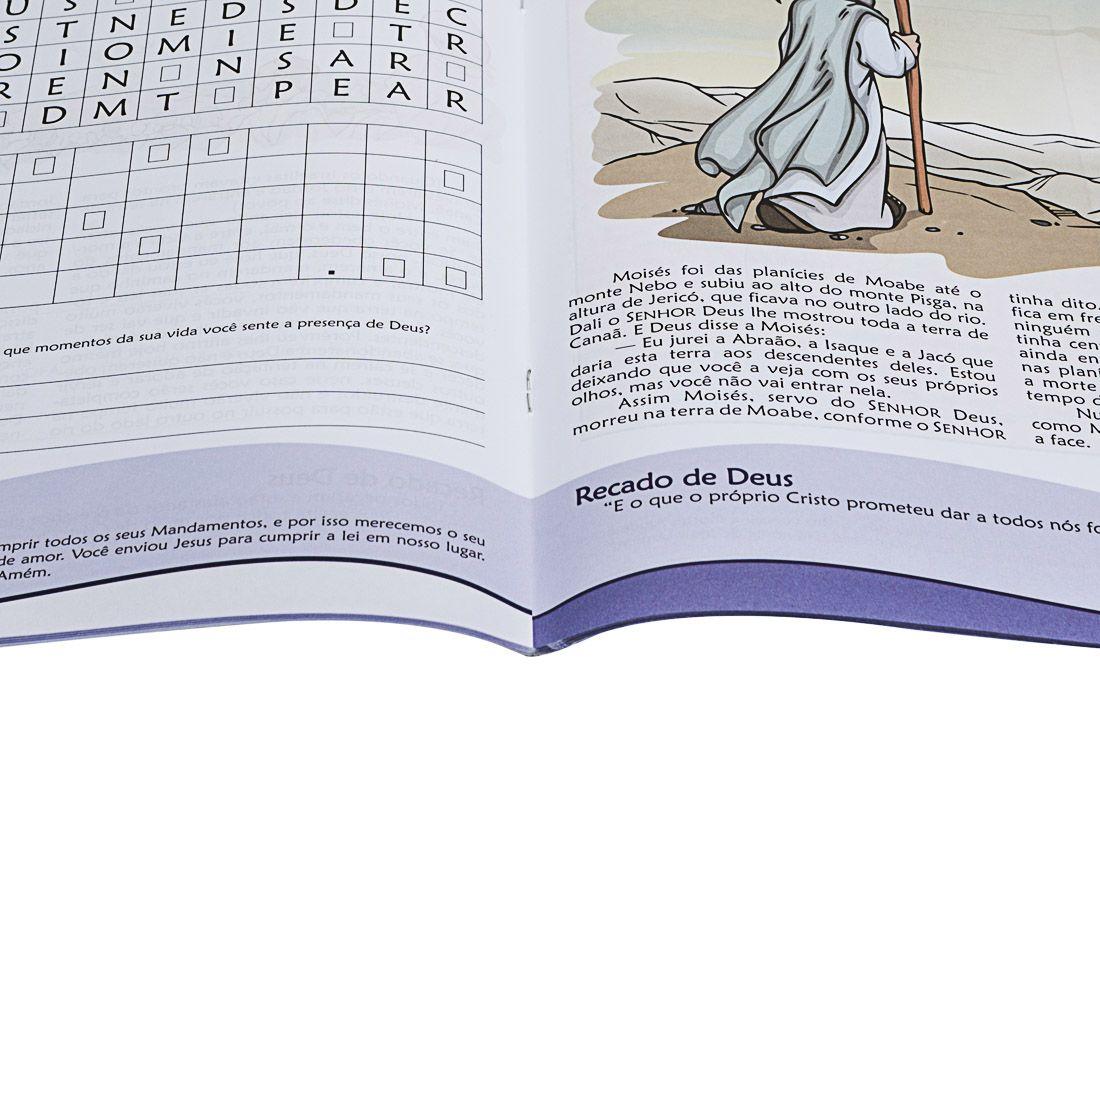 Estudando com a Bíblia - Povo de Deus  - Universo Bíblico Rs